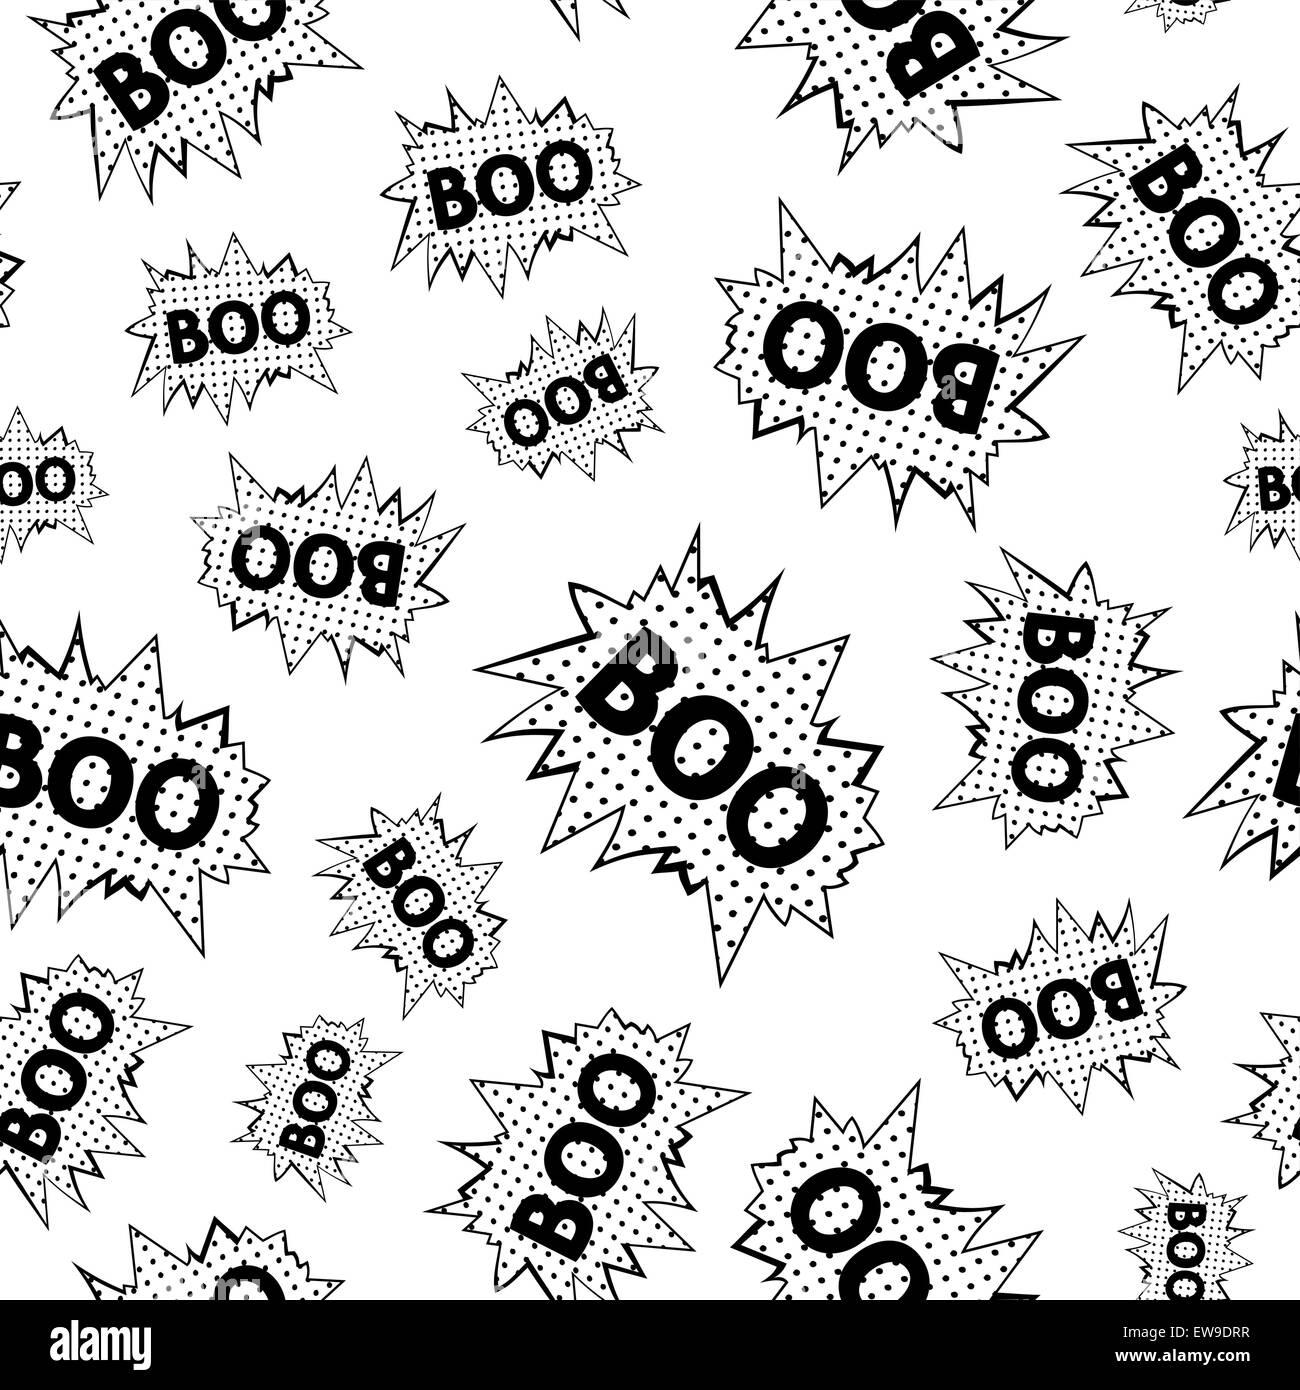 nur nahtloses muster der comic rede luftblasen mit wort boo vektor eps 8 - Hochzeitsrede Muster